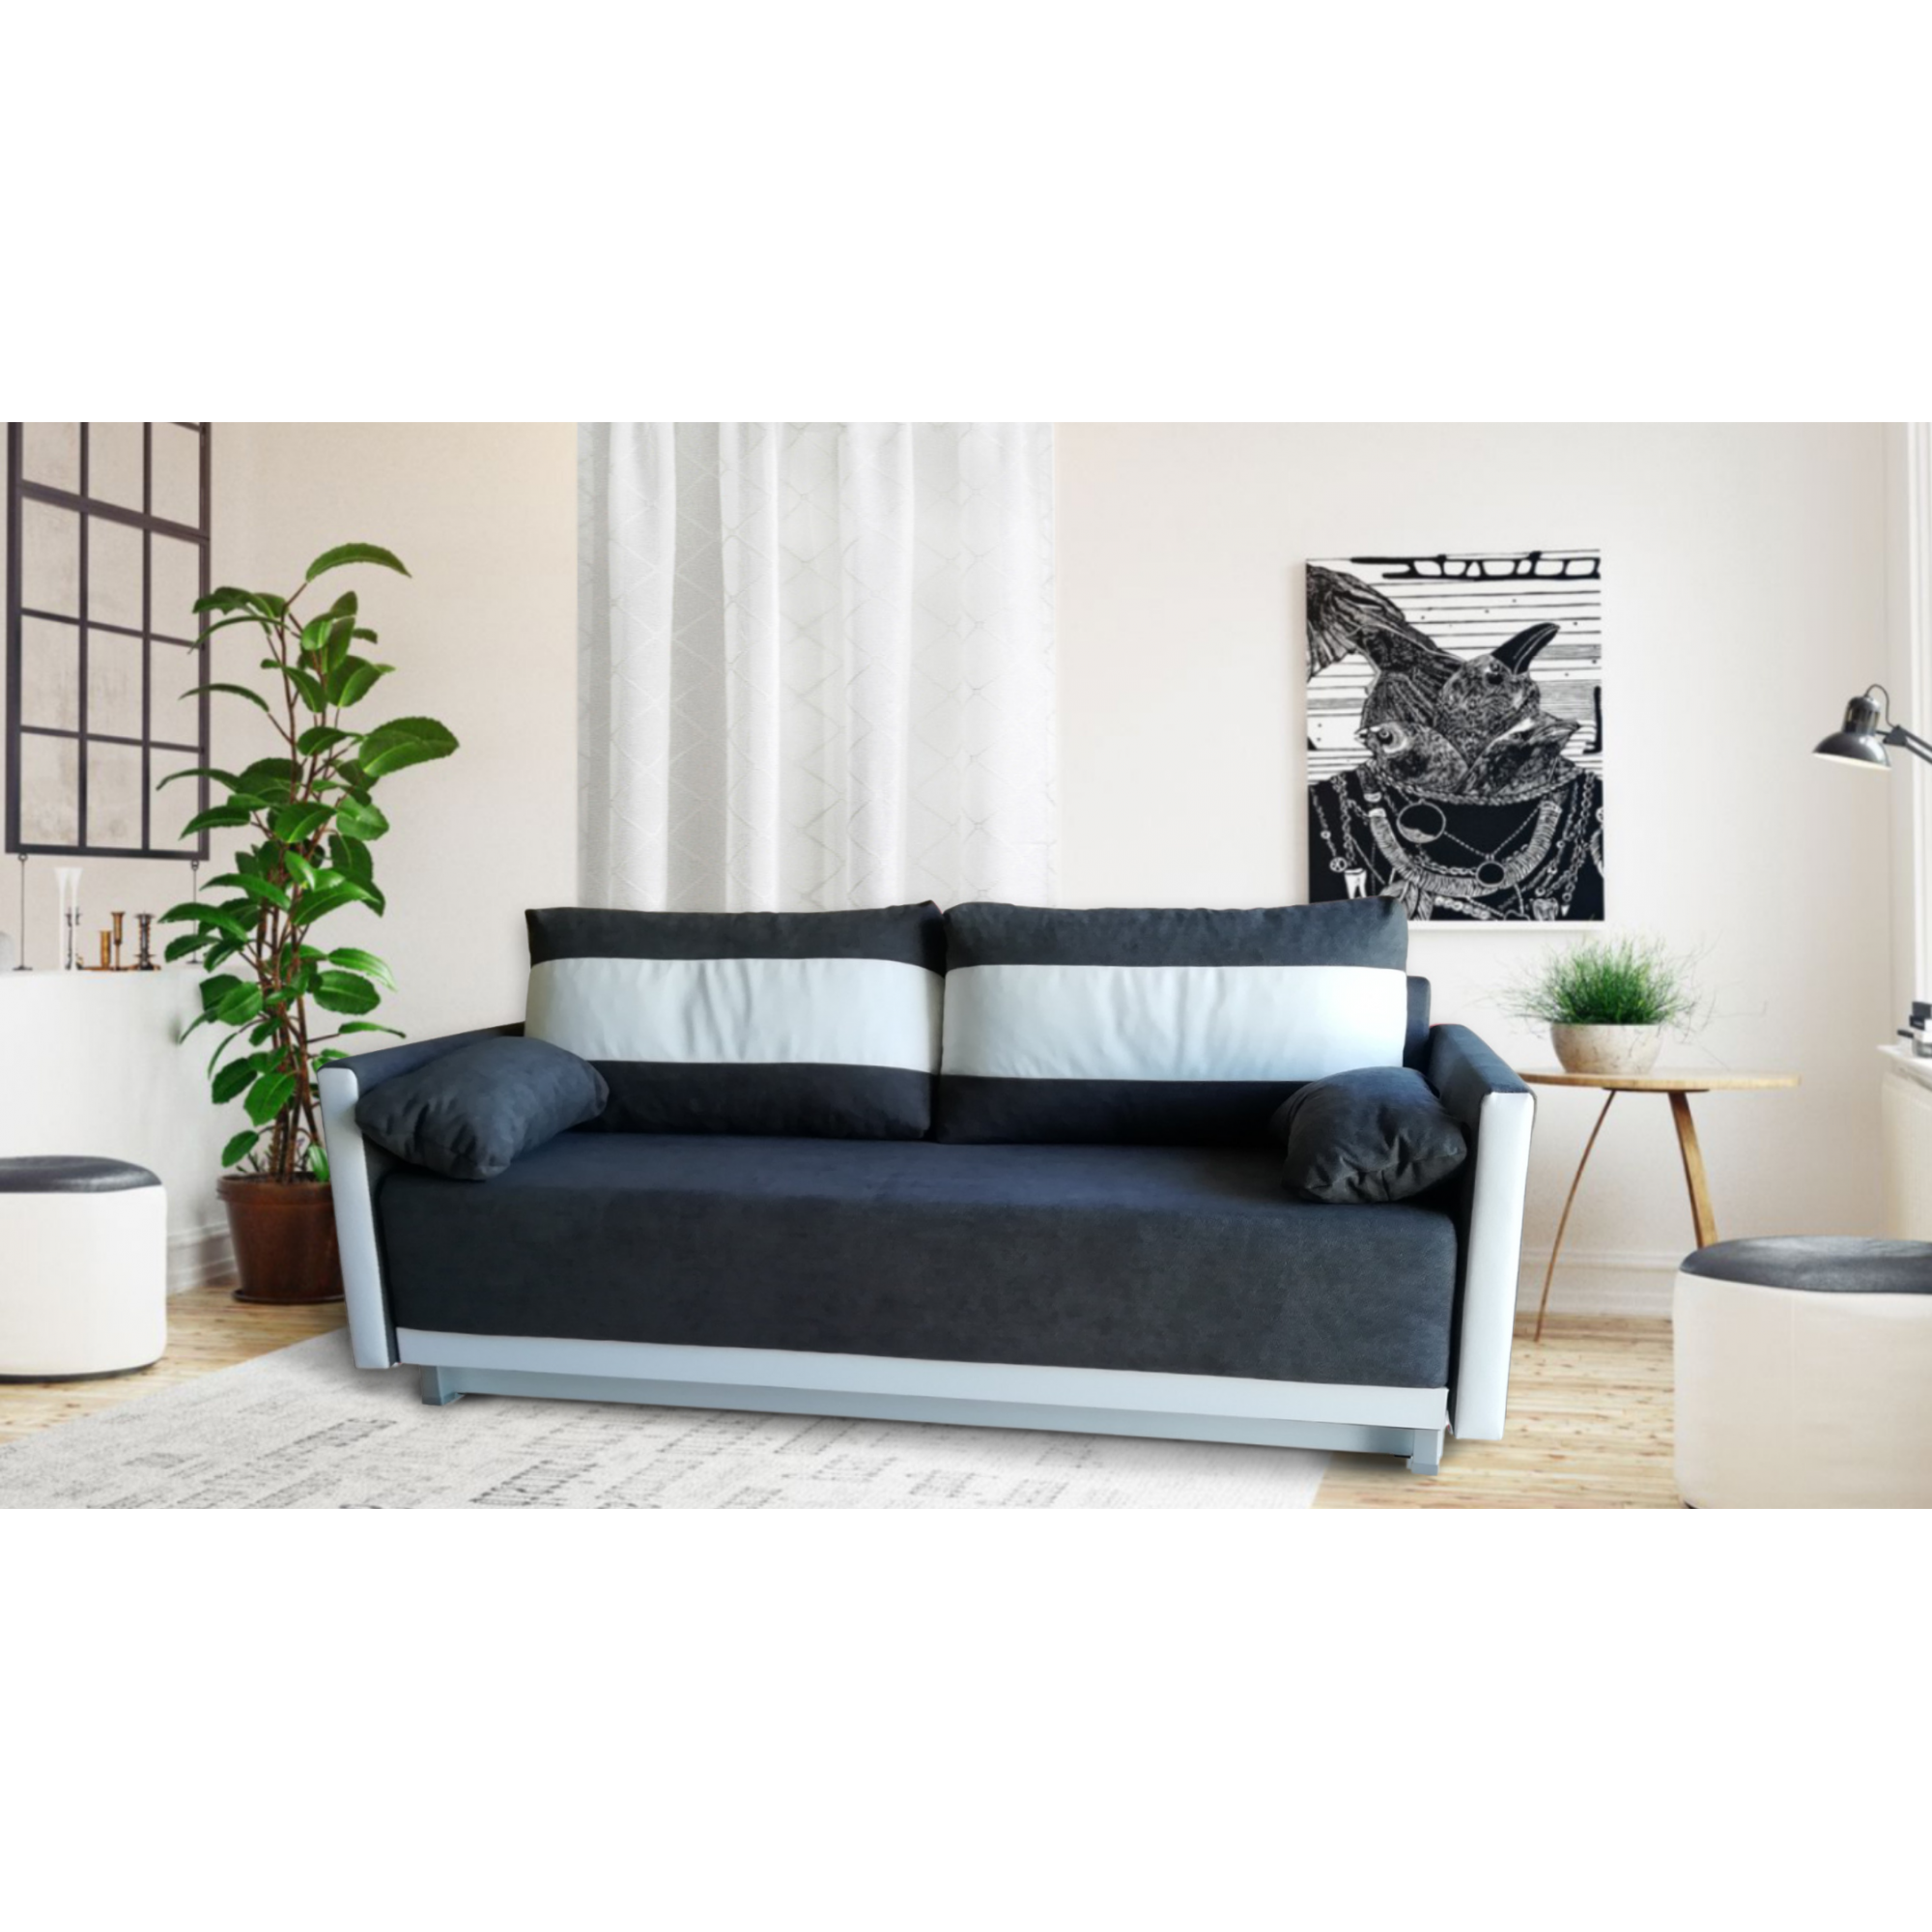 Разтегателен диван с ракла ANDOLI GeRi DK GREY WFS дамаска, с 2 броя големи възглавници и 2 бр. малки